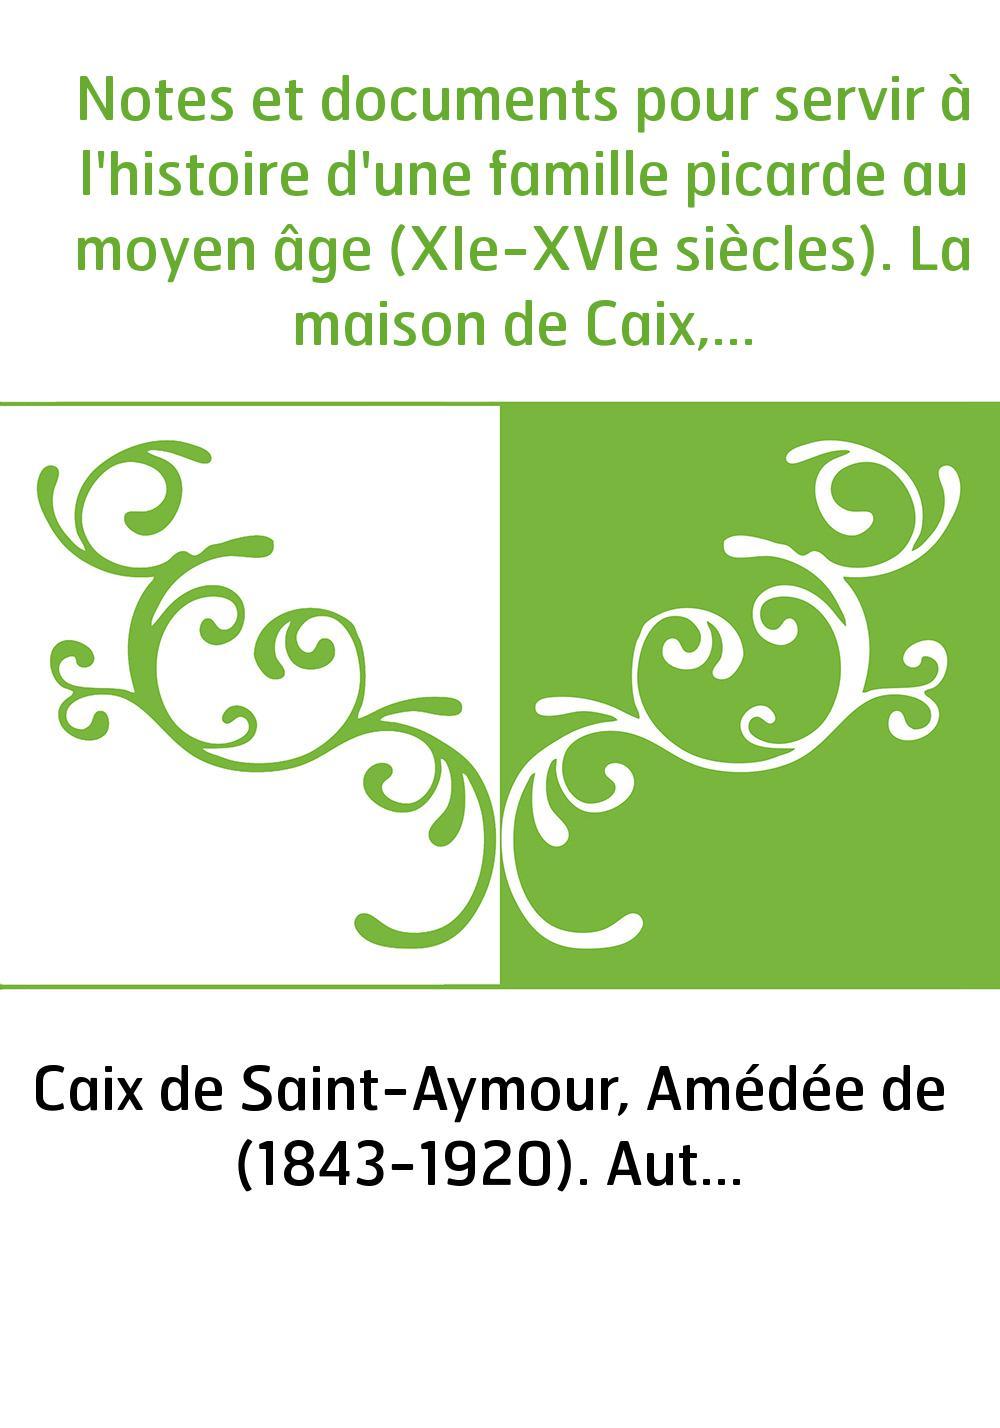 Notes et documents pour servir à l'histoire d'une famille picarde au moyen âge (XIe-XVIe siècles). La maison de Caix, rameau mâl